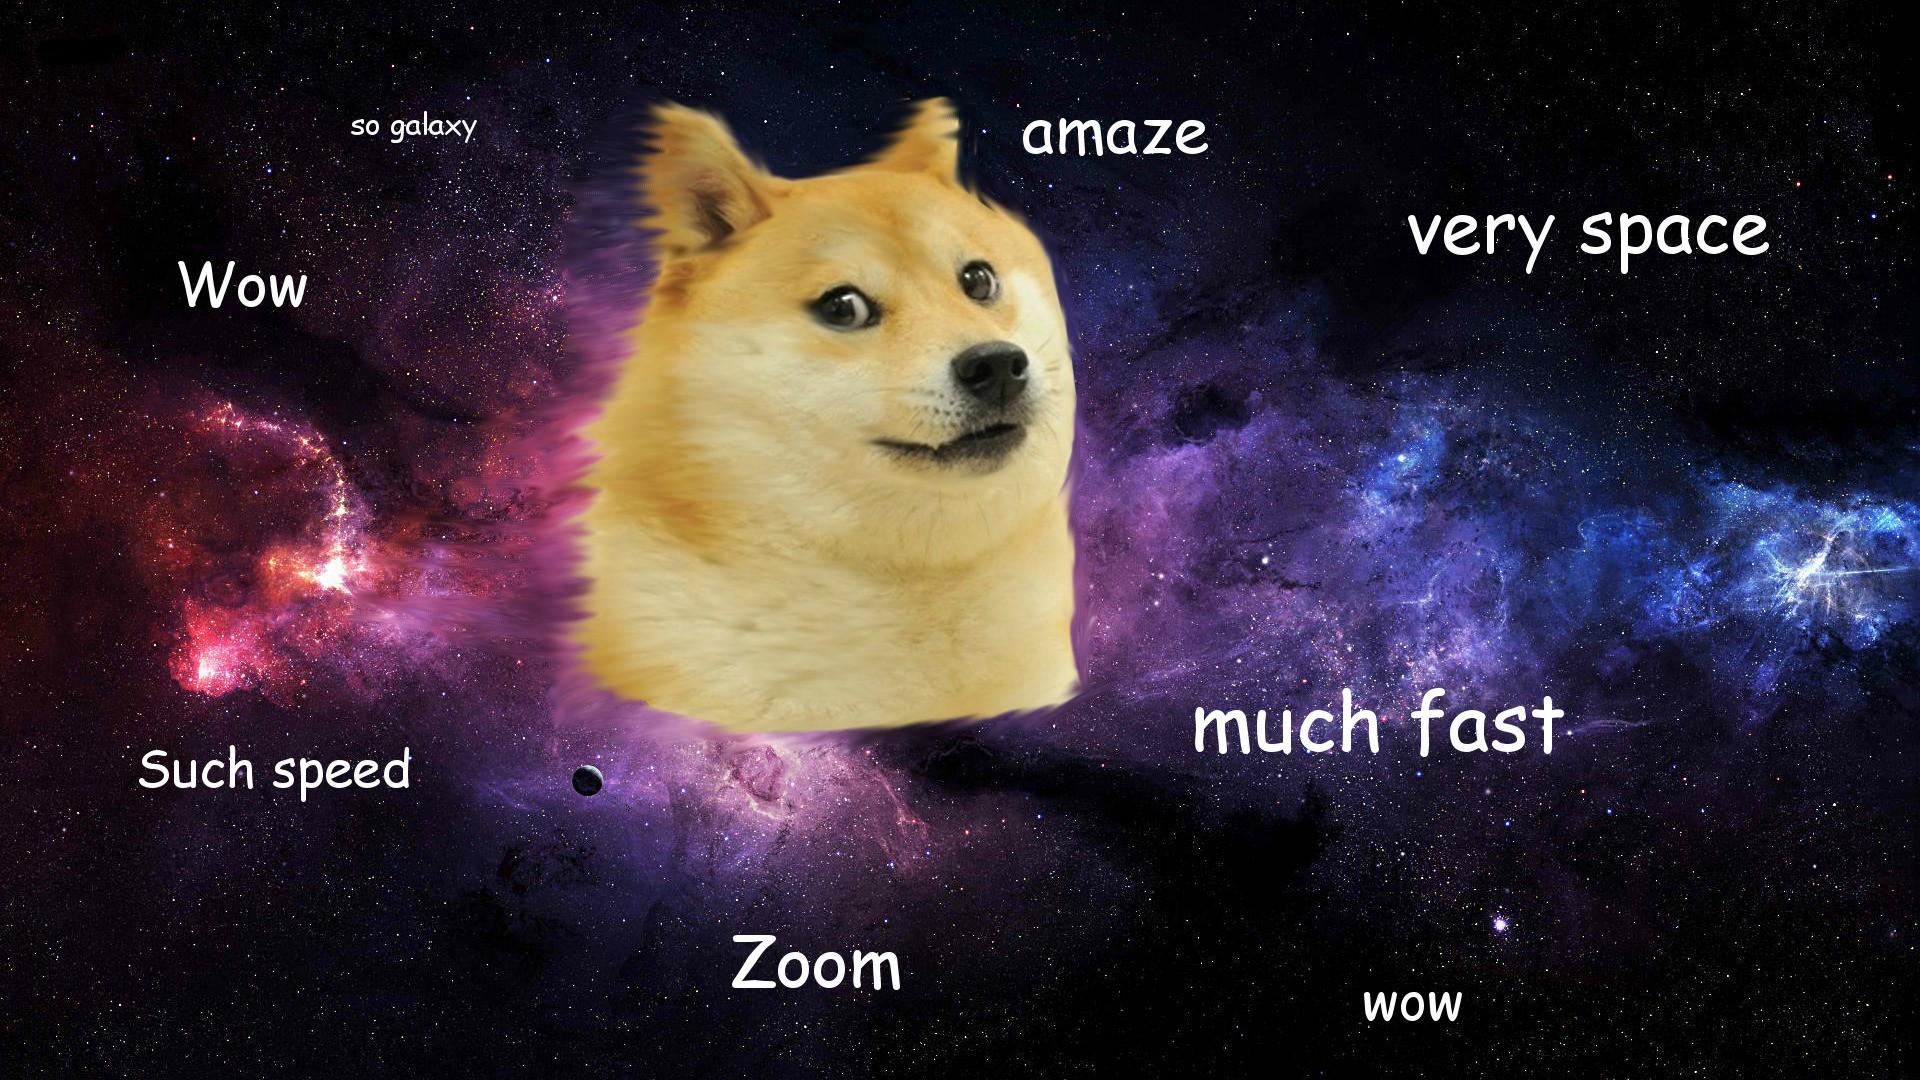 Wow Space Doge   Imgur 1920x1080